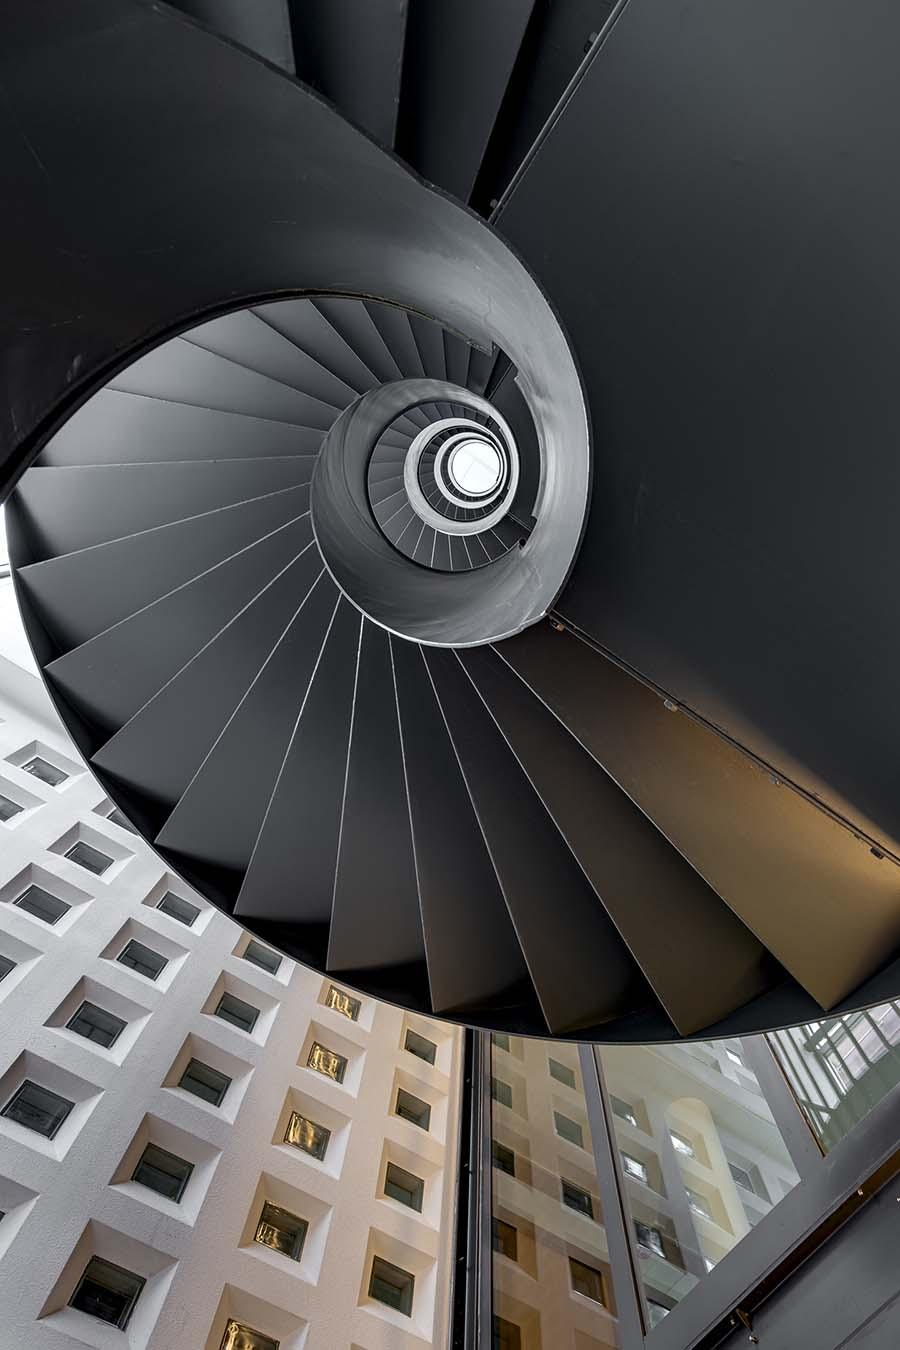 architectuurfoto van een trappenhuis